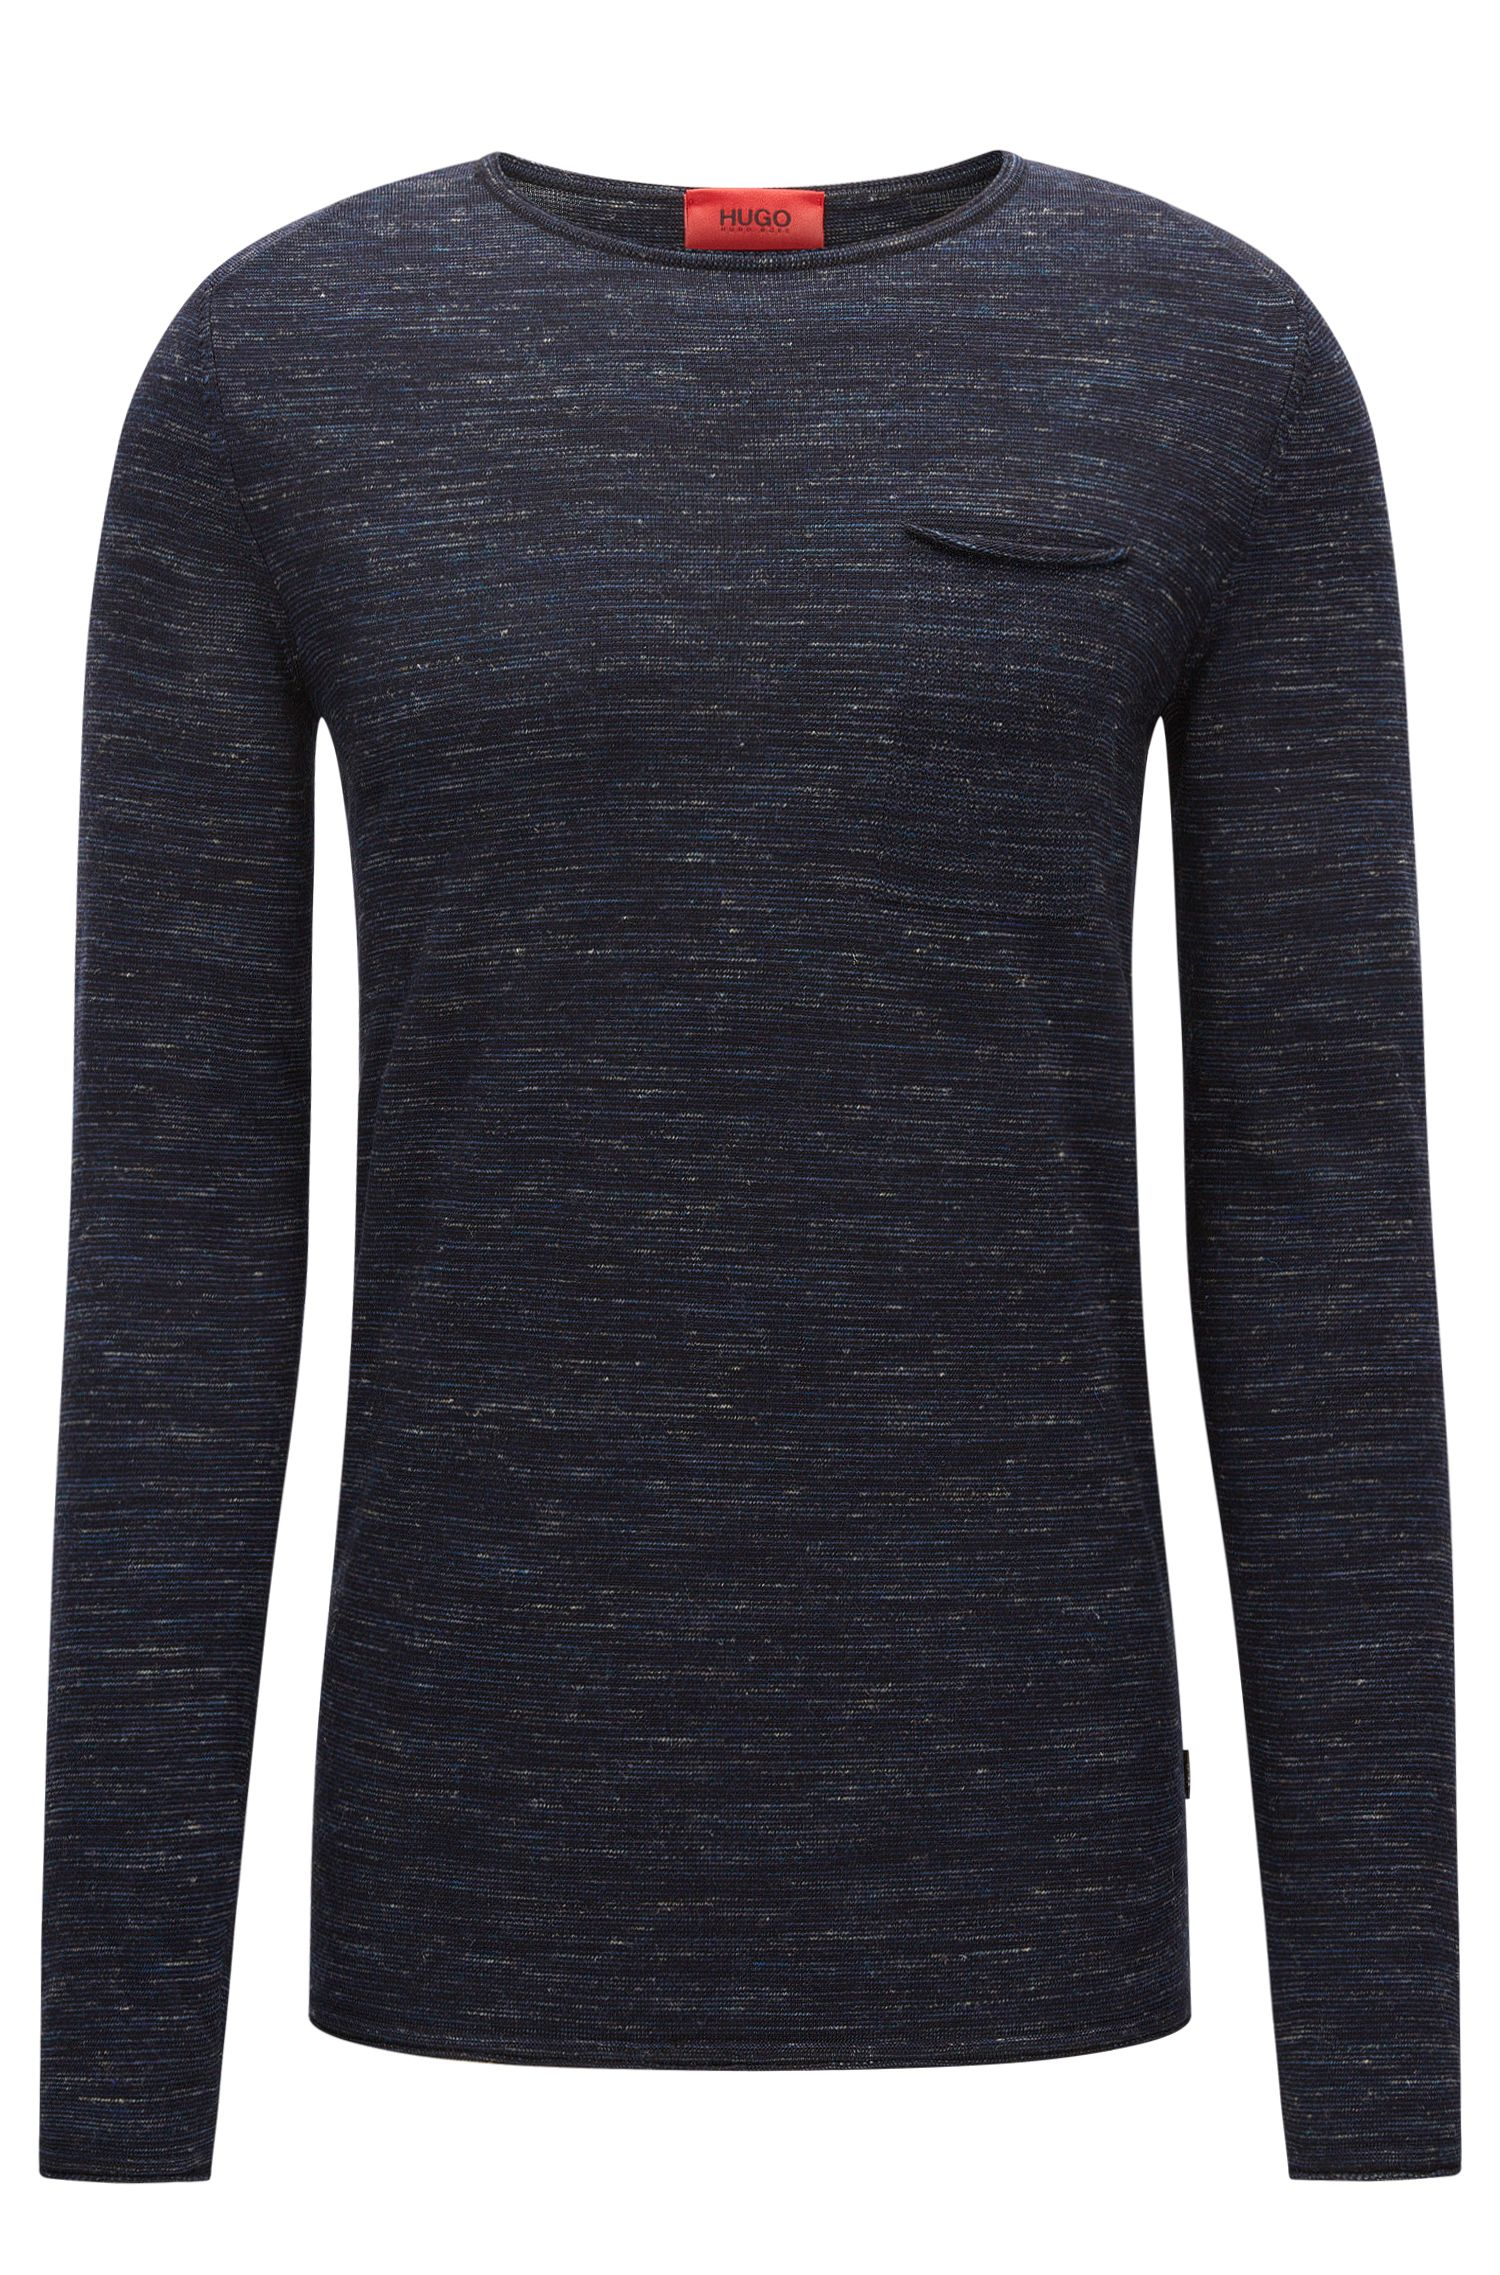 Jersey de cuello redondo en mezcla de lana con bordes enrollados